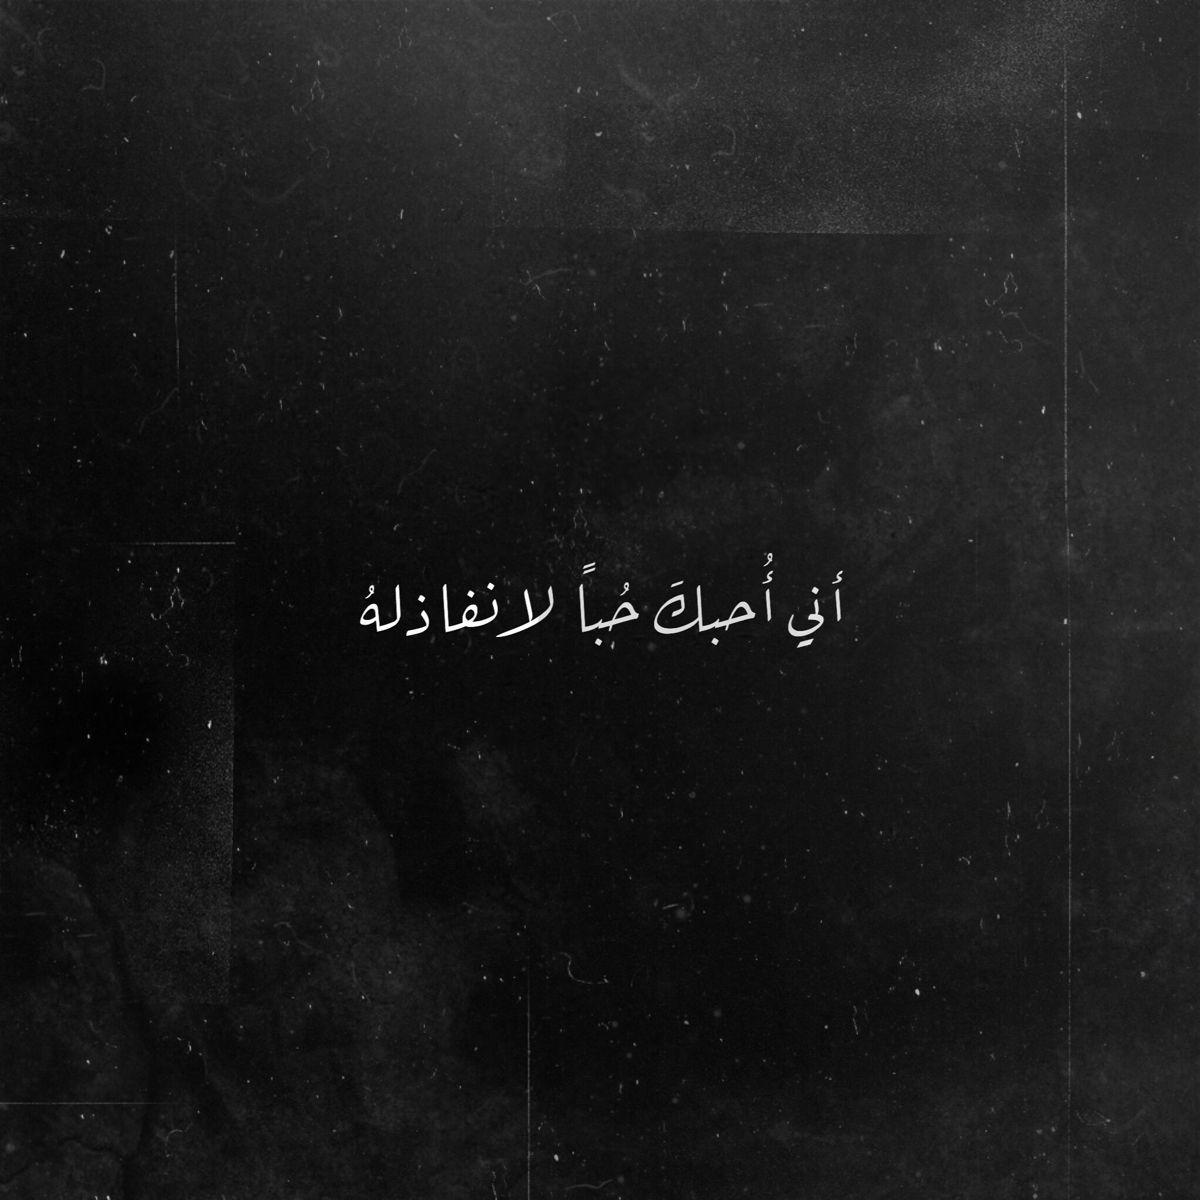 اقتباسات رمزيات كتاب كتابات تصاميم تصميم اغاني عرس حنيت حنين بغداد افلام ا Words Movie Posters Lockscreen